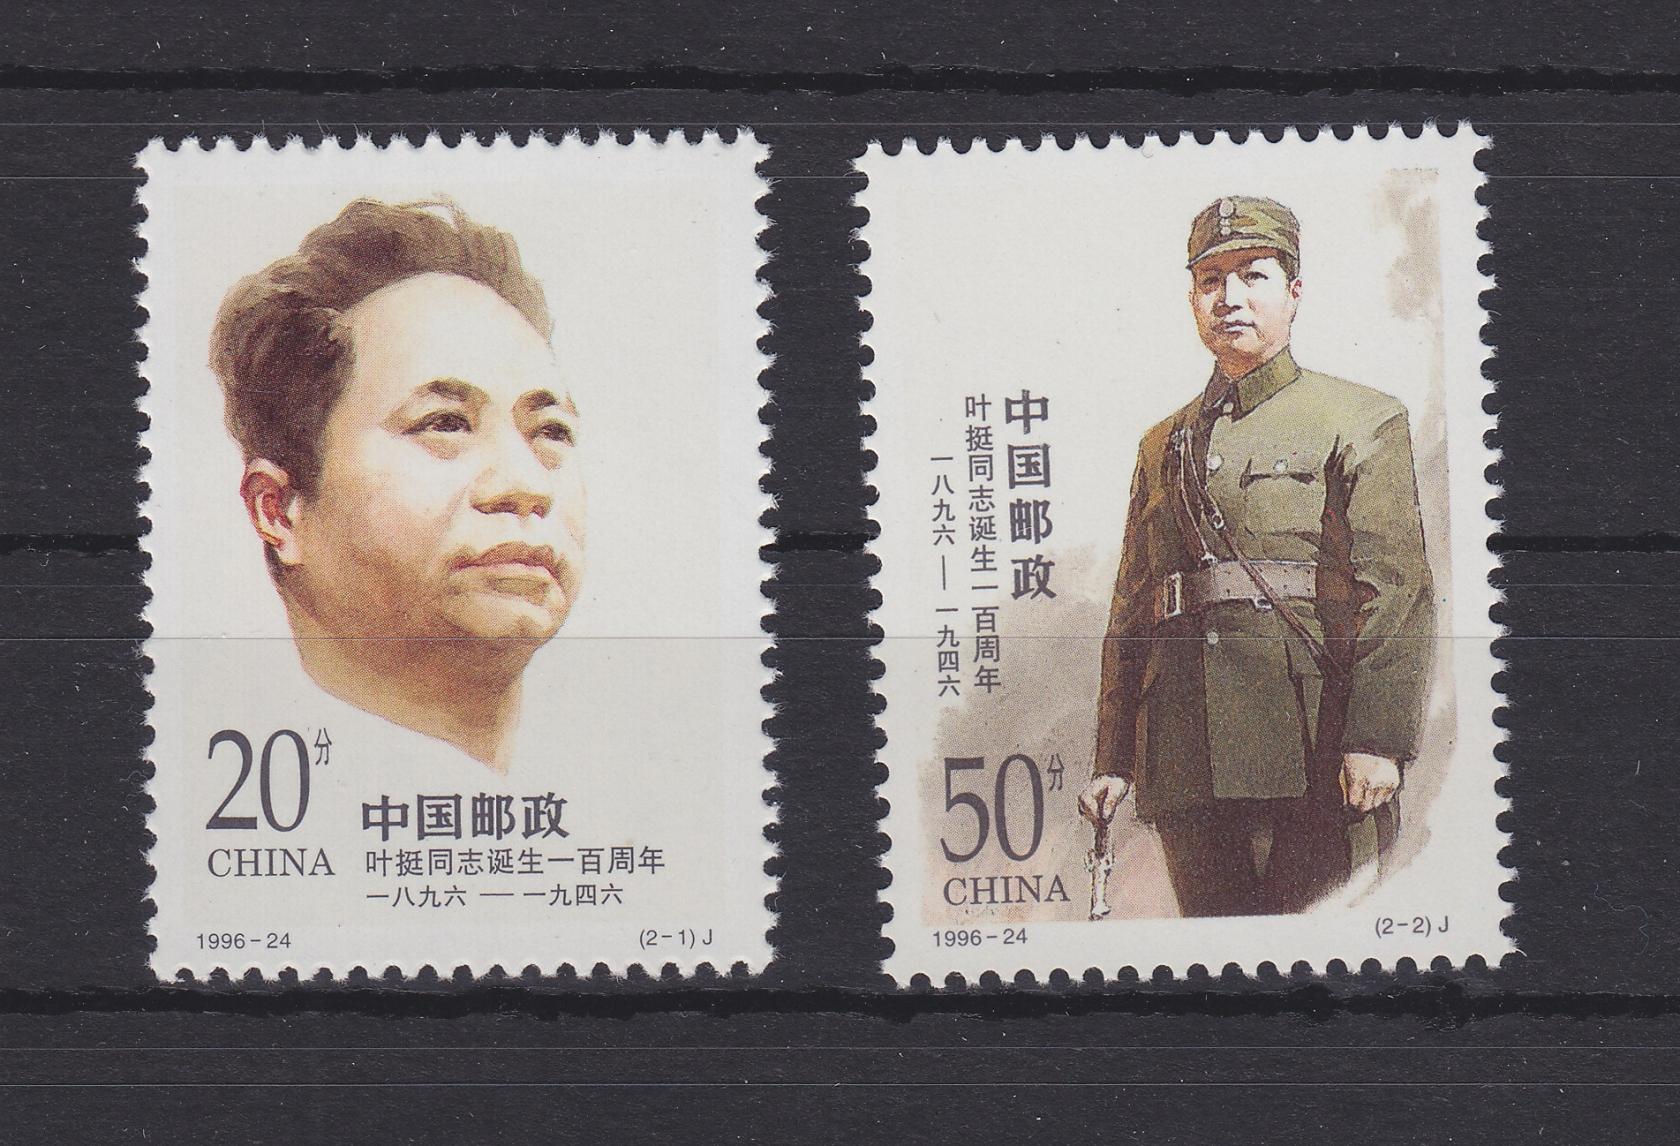 Kreativ China Volksrepublik 3088 ** Postfrisch 10 Jahre Bildungsprojekt #w296 Geschichte Briefmarken